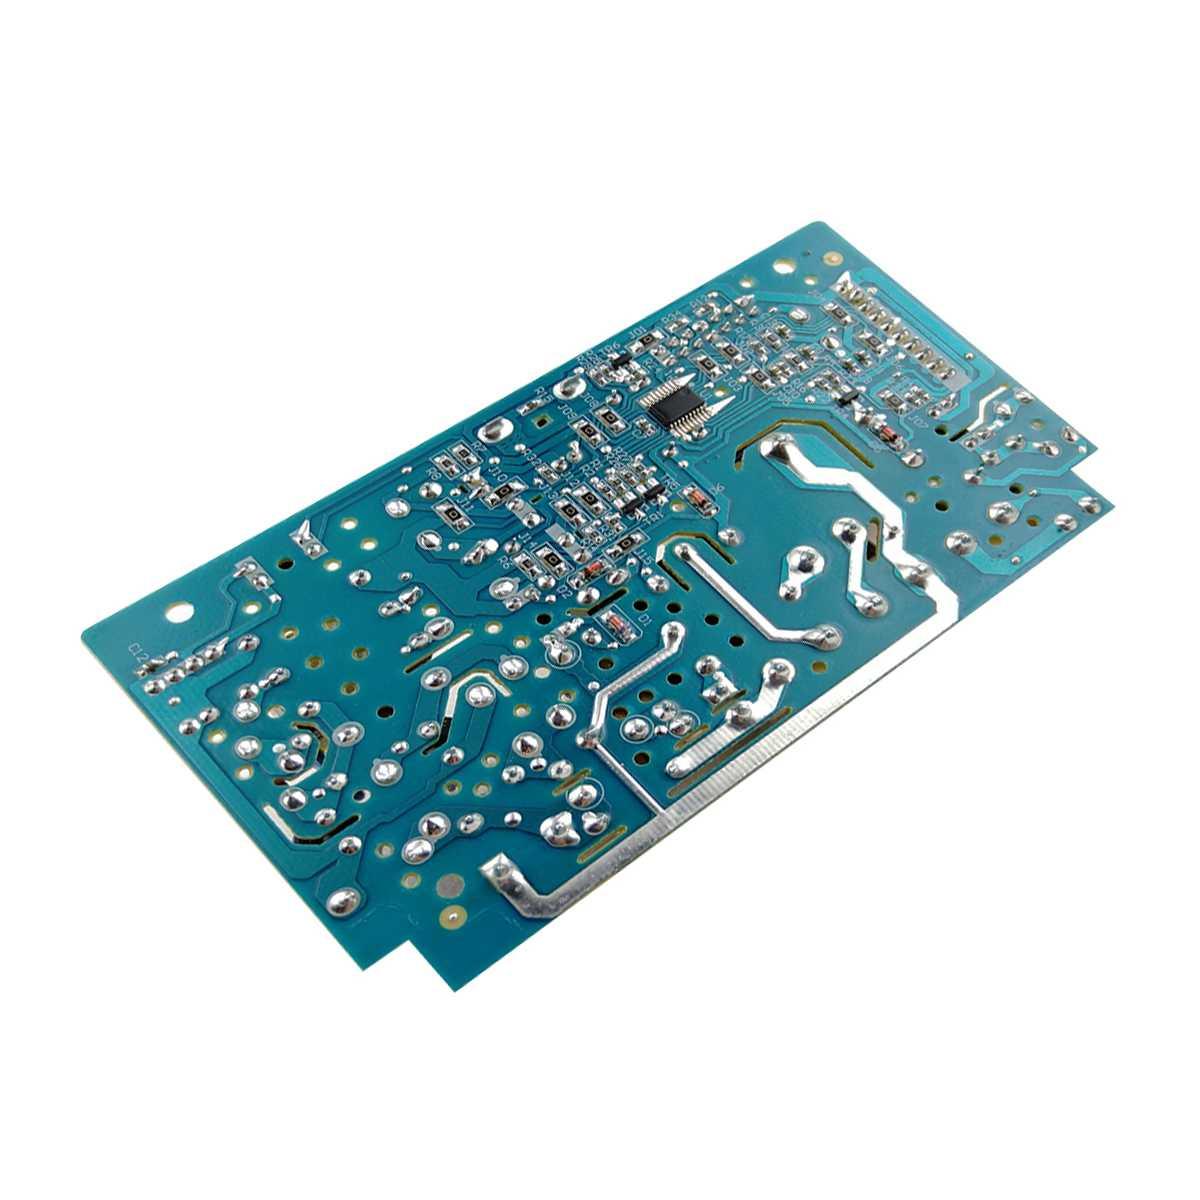 Placa de controle da Geladeira Electrolux DWX51, DF80, DF62, DF80X, DWN51, DF62X